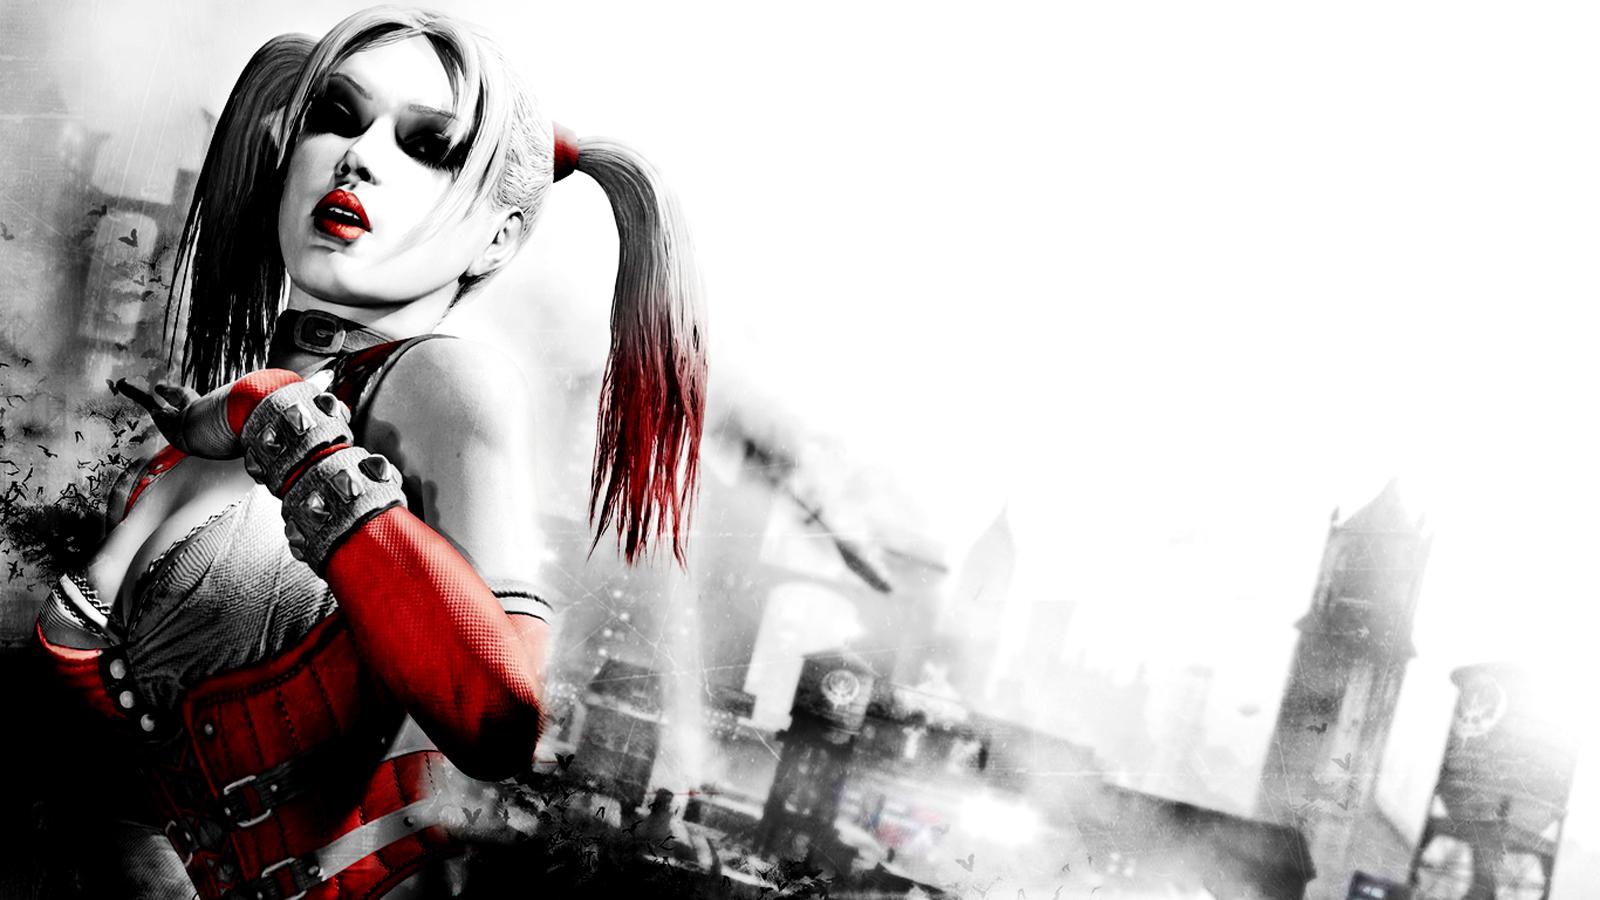 Wallpaper Hd Harley Quinn